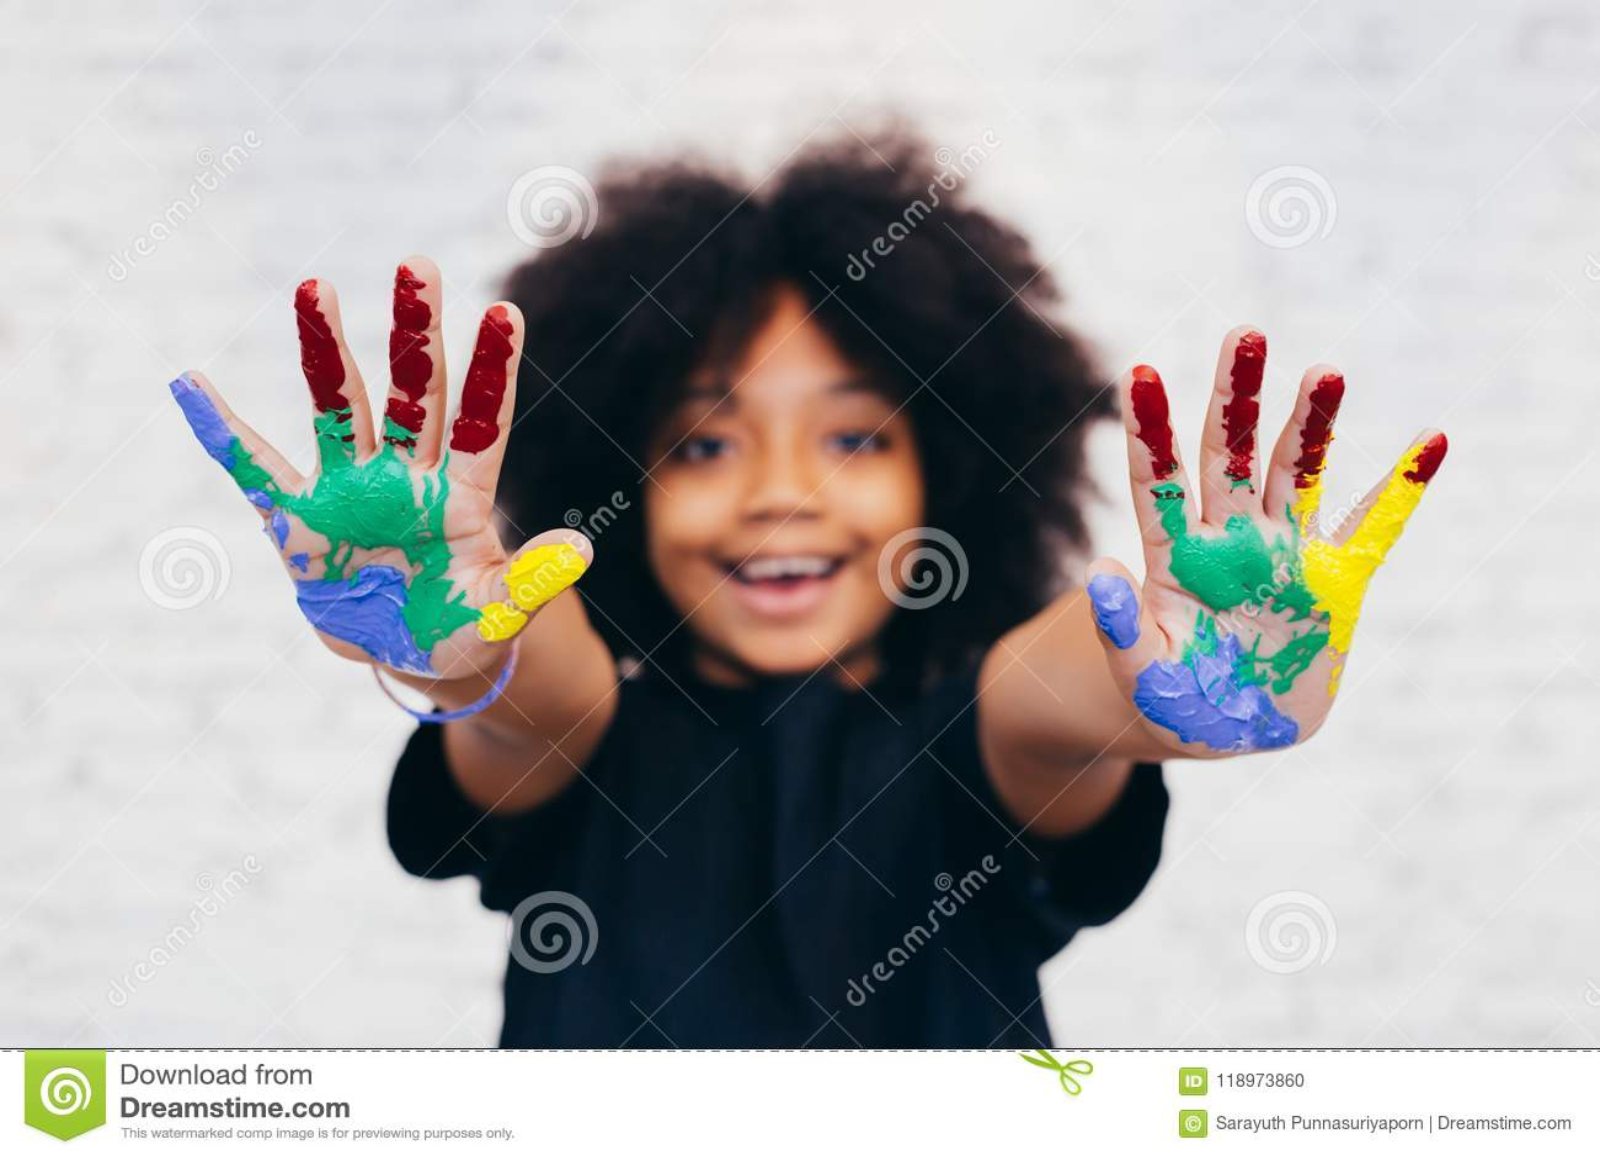 Εύθυμο και δημιουργικό παιδί αφροαμερικάνων που παίρνει τα χέρια βρώμικα με πολλά χρώματα